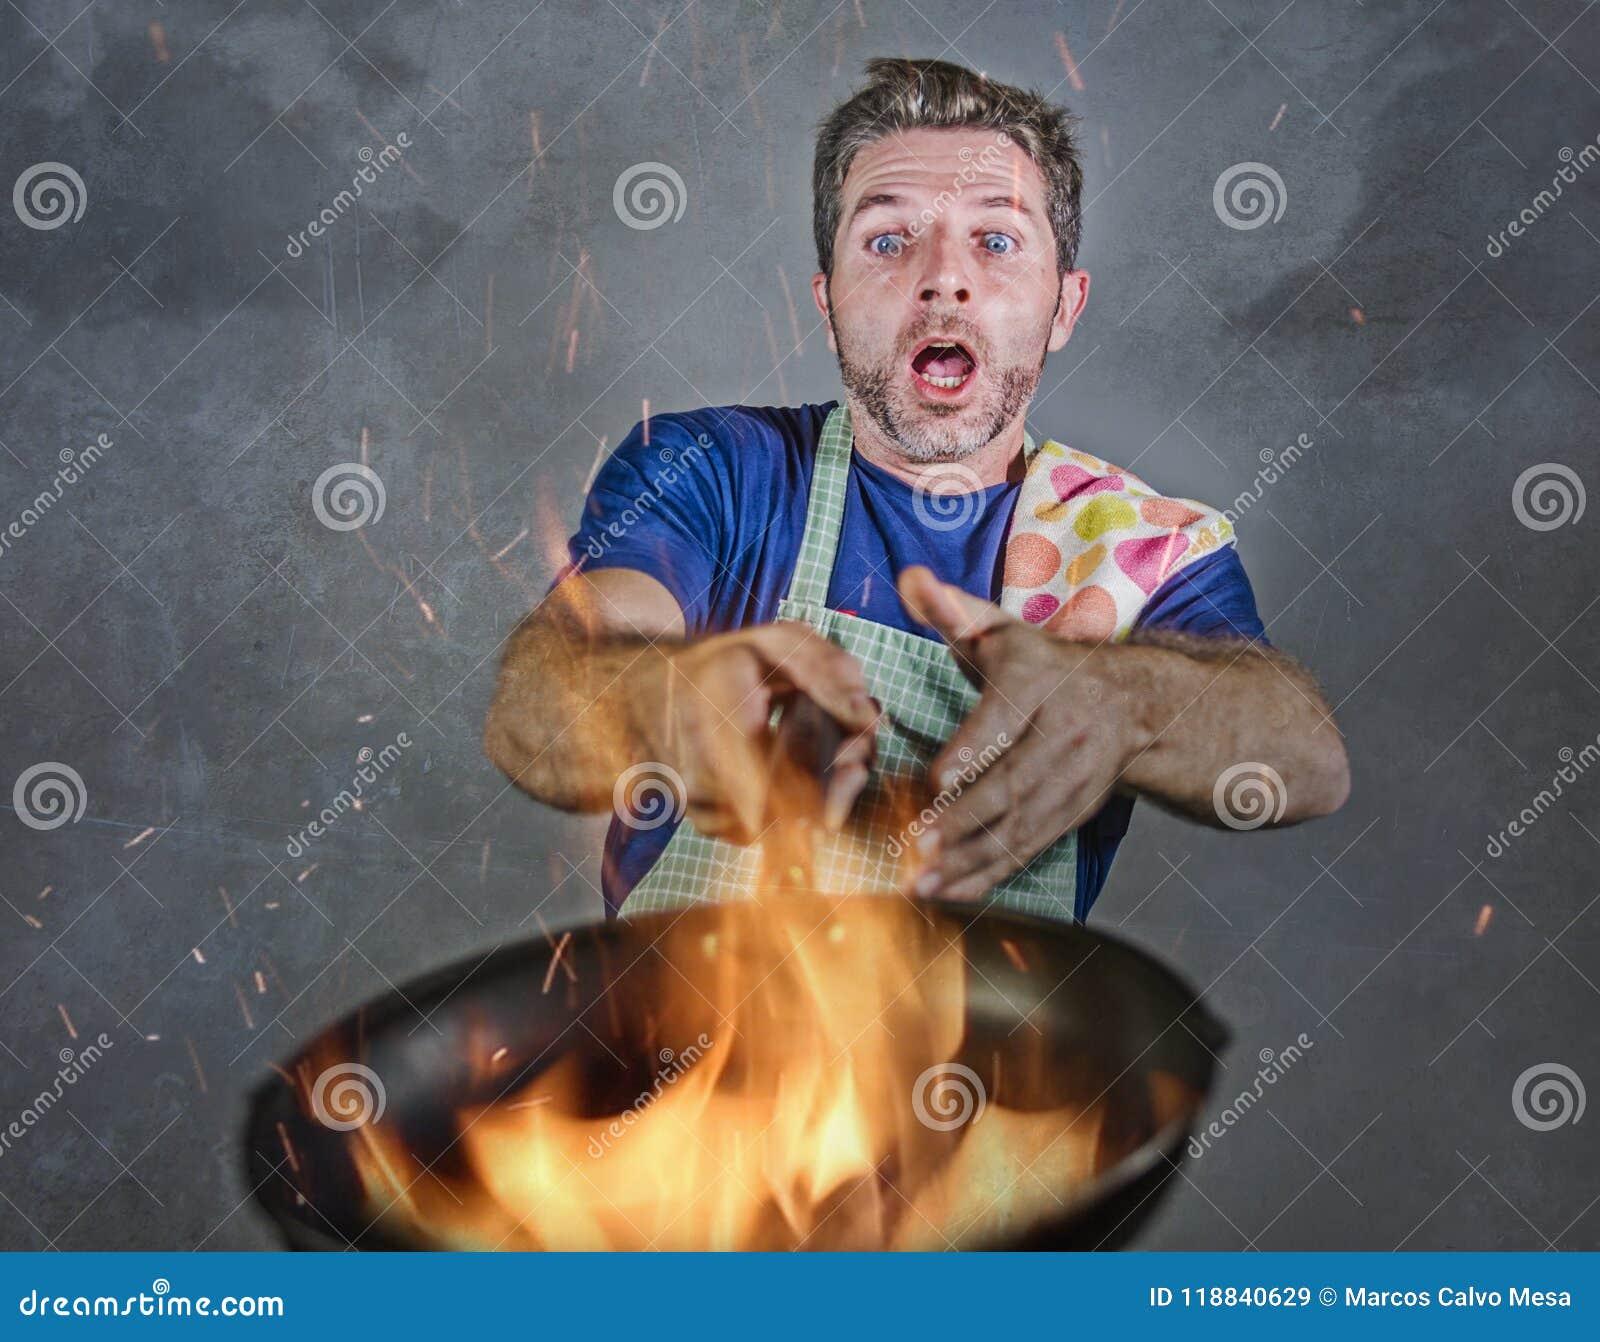 Szokujący upaćkany mężczyzna z fartucha mienia niecką w pożarniczym paleniu jedzenie w kuchennej katastrofie i okropnym niewprawn